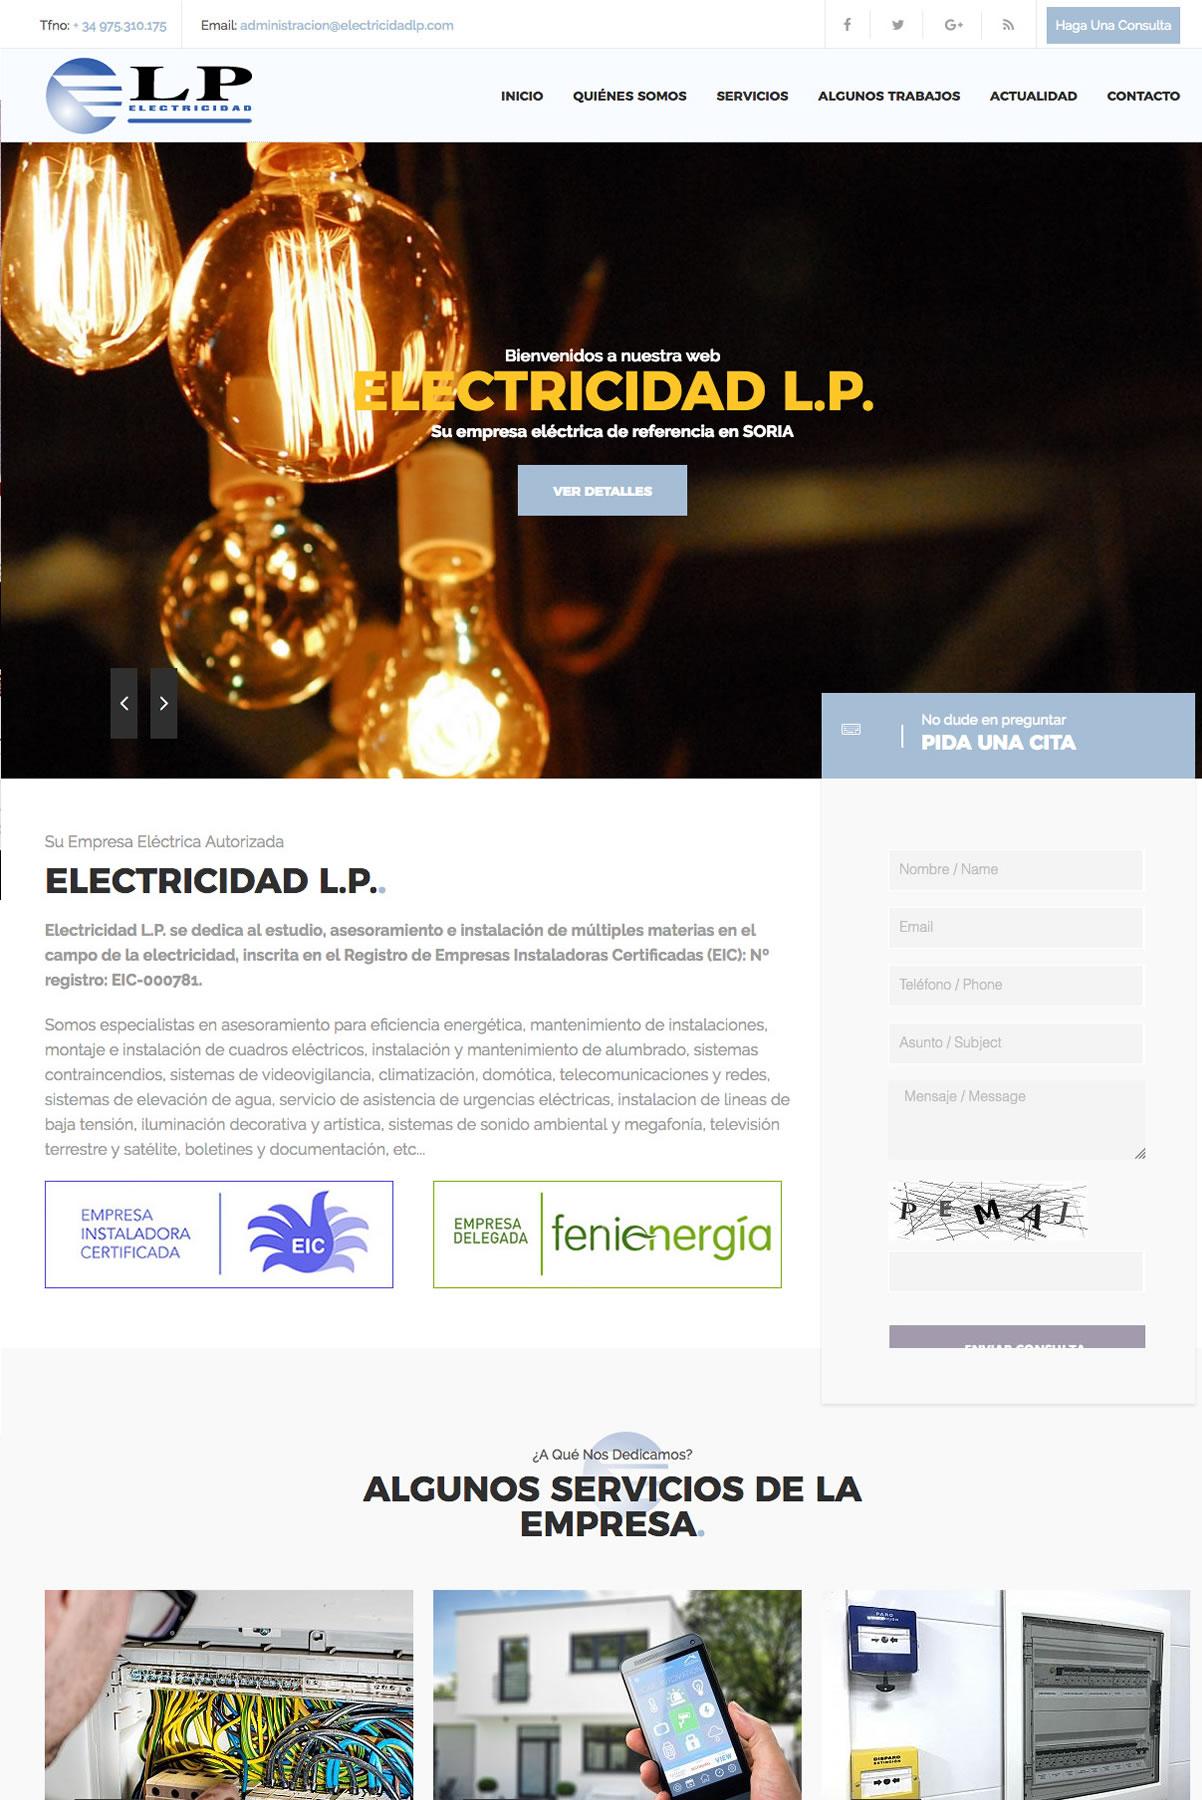 ELECTRICIDAD L.P.